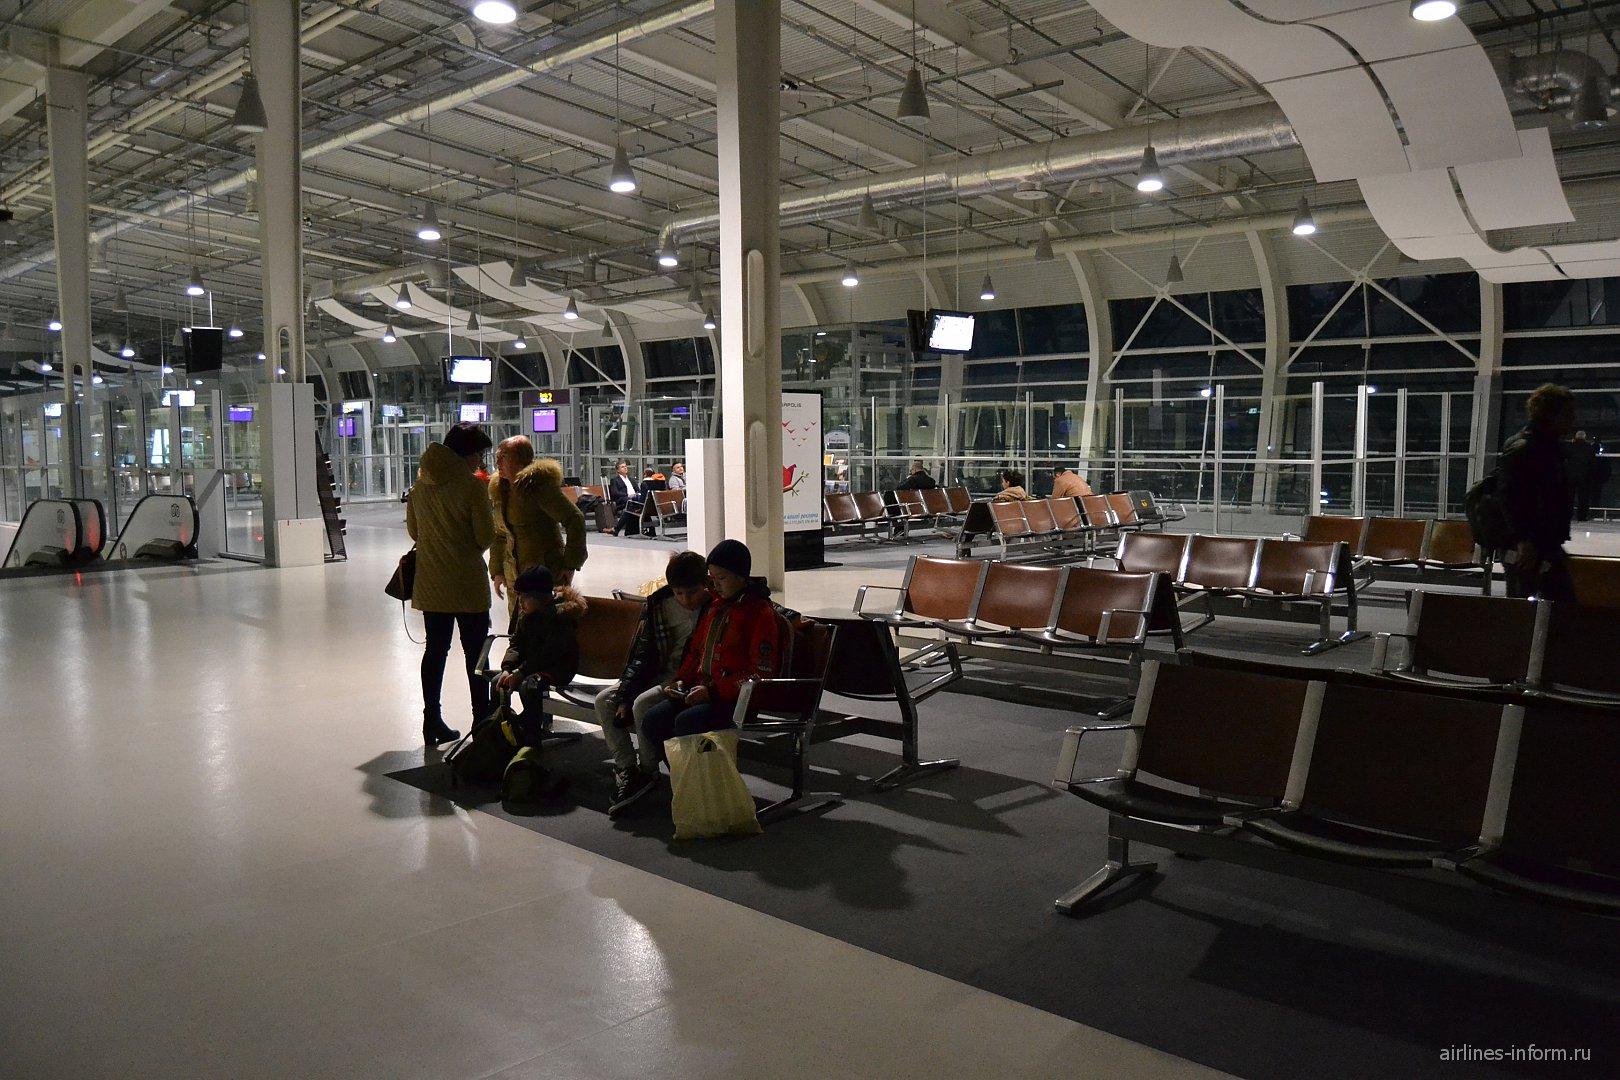 Зал ожидания в чистой зоне аэропорта Львов имени Данила Галицкого